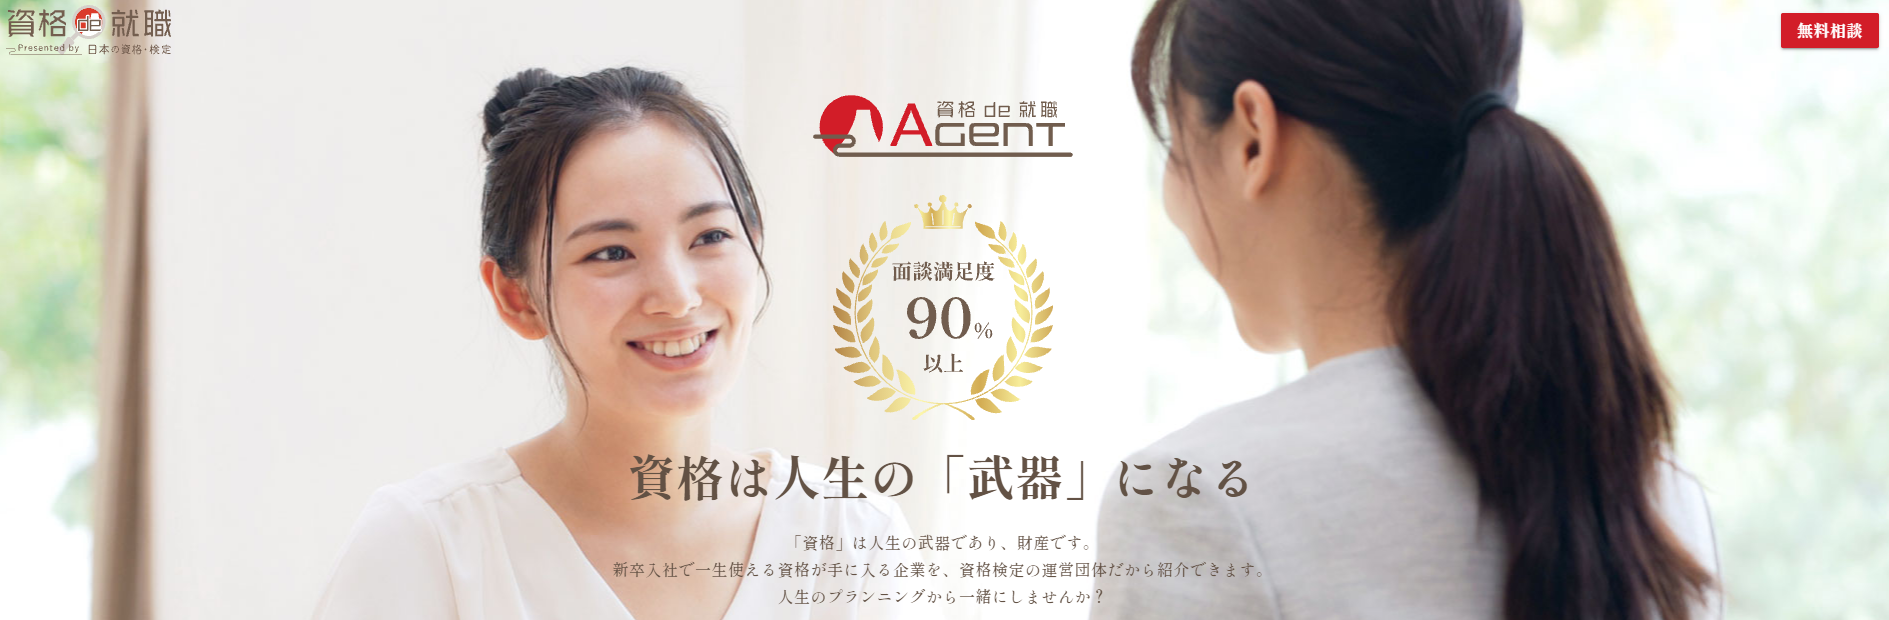 新卒エージェントサービス【資格de就職】面談促進プロモーション